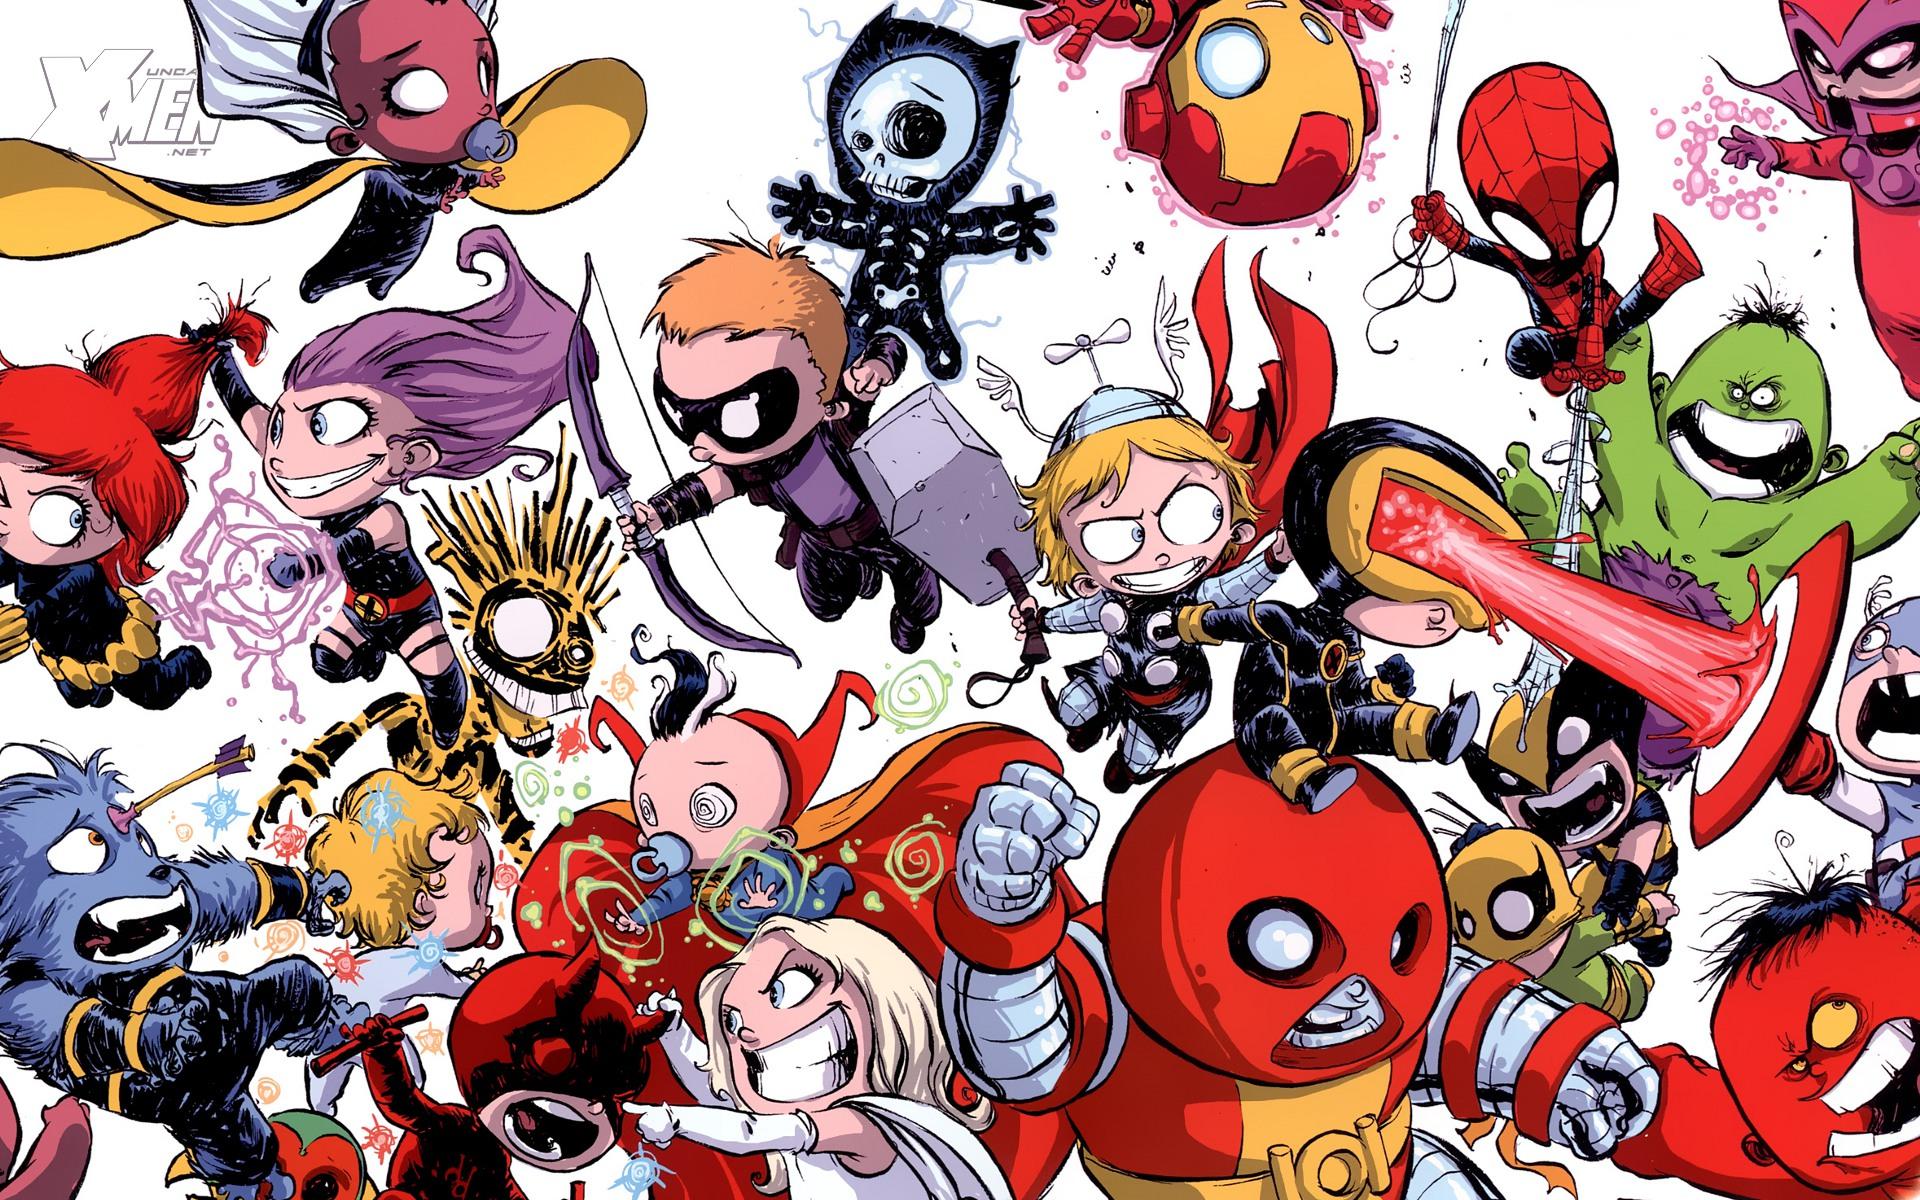 Desktop Wallpaper December 2012 Uncannyxmen Net